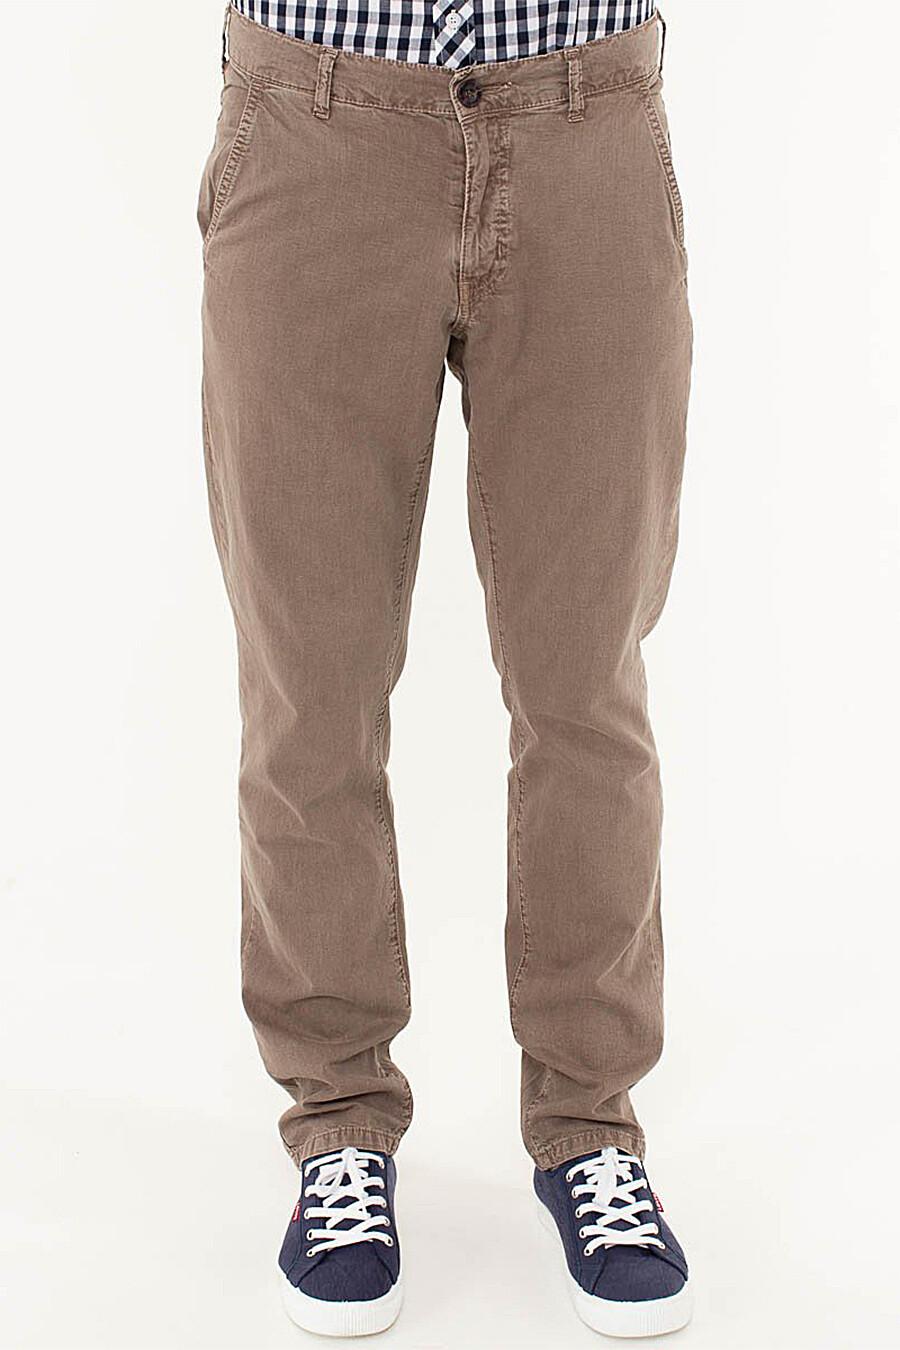 Брюки для мужчин F5 116484 купить оптом от производителя. Совместная покупка мужской одежды в OptMoyo